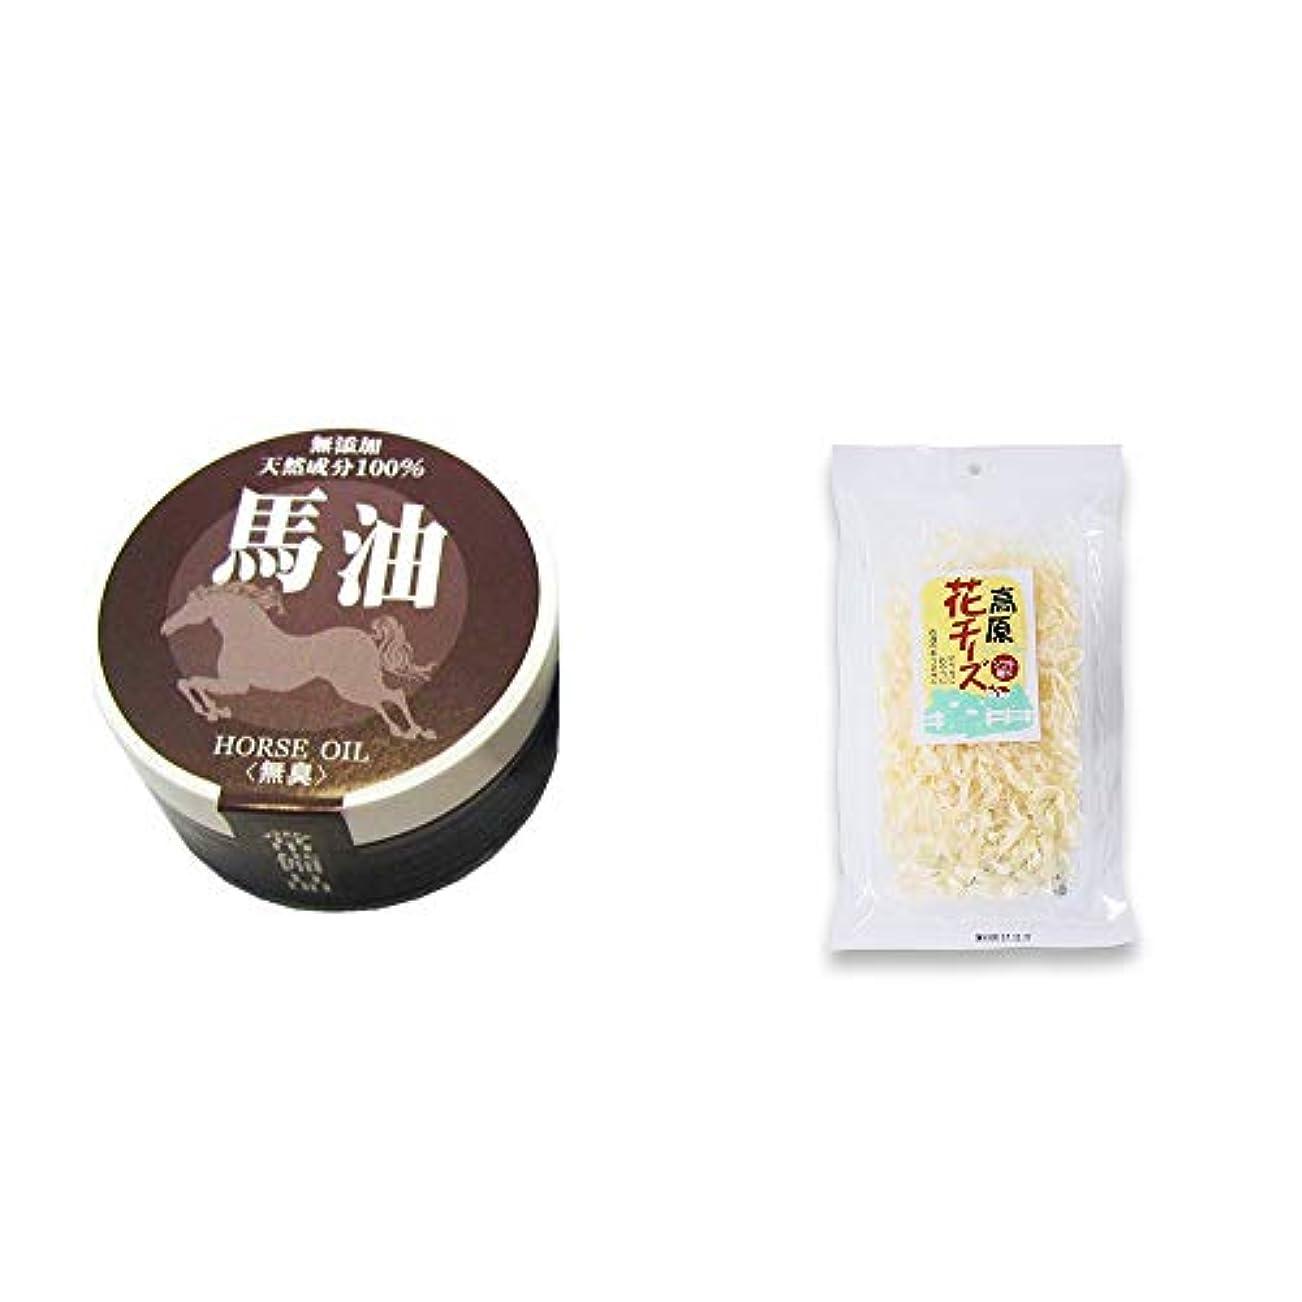 漁師ブレススパン[2点セット] 無添加天然成分100% 馬油[無香料](38g)?高原の花チーズ(56g)